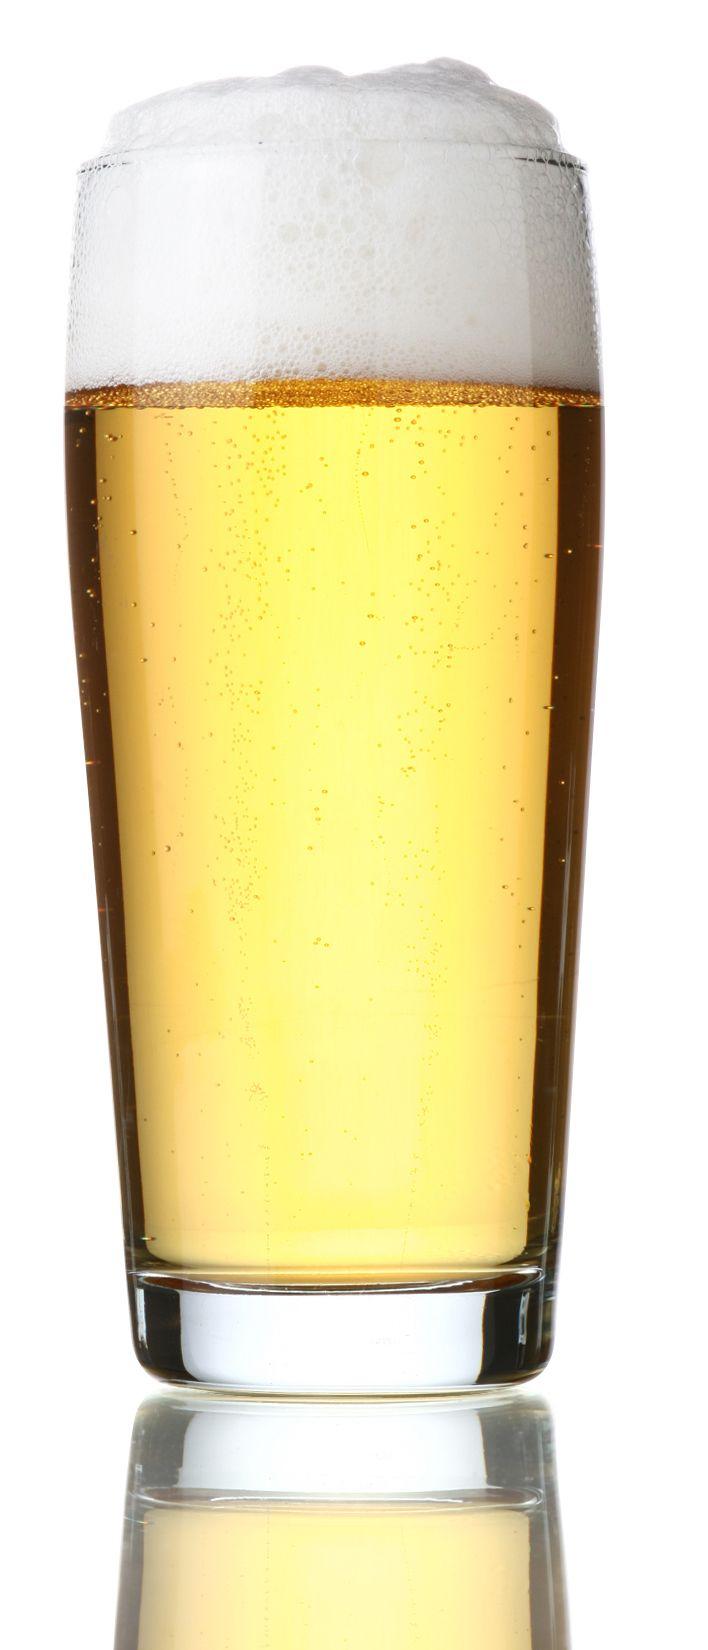 Design ideal para copo de cerveja em vidro que possibilita melhor aproveitamento da bebida.    Os copos desenhados para servir cerveja são aqueles com a boca um pouco mais larga do que a base, essa estrutura ajuda a formar a quantidade correta de espuma, que serve para manter a cerveja gelada por mais tempo.